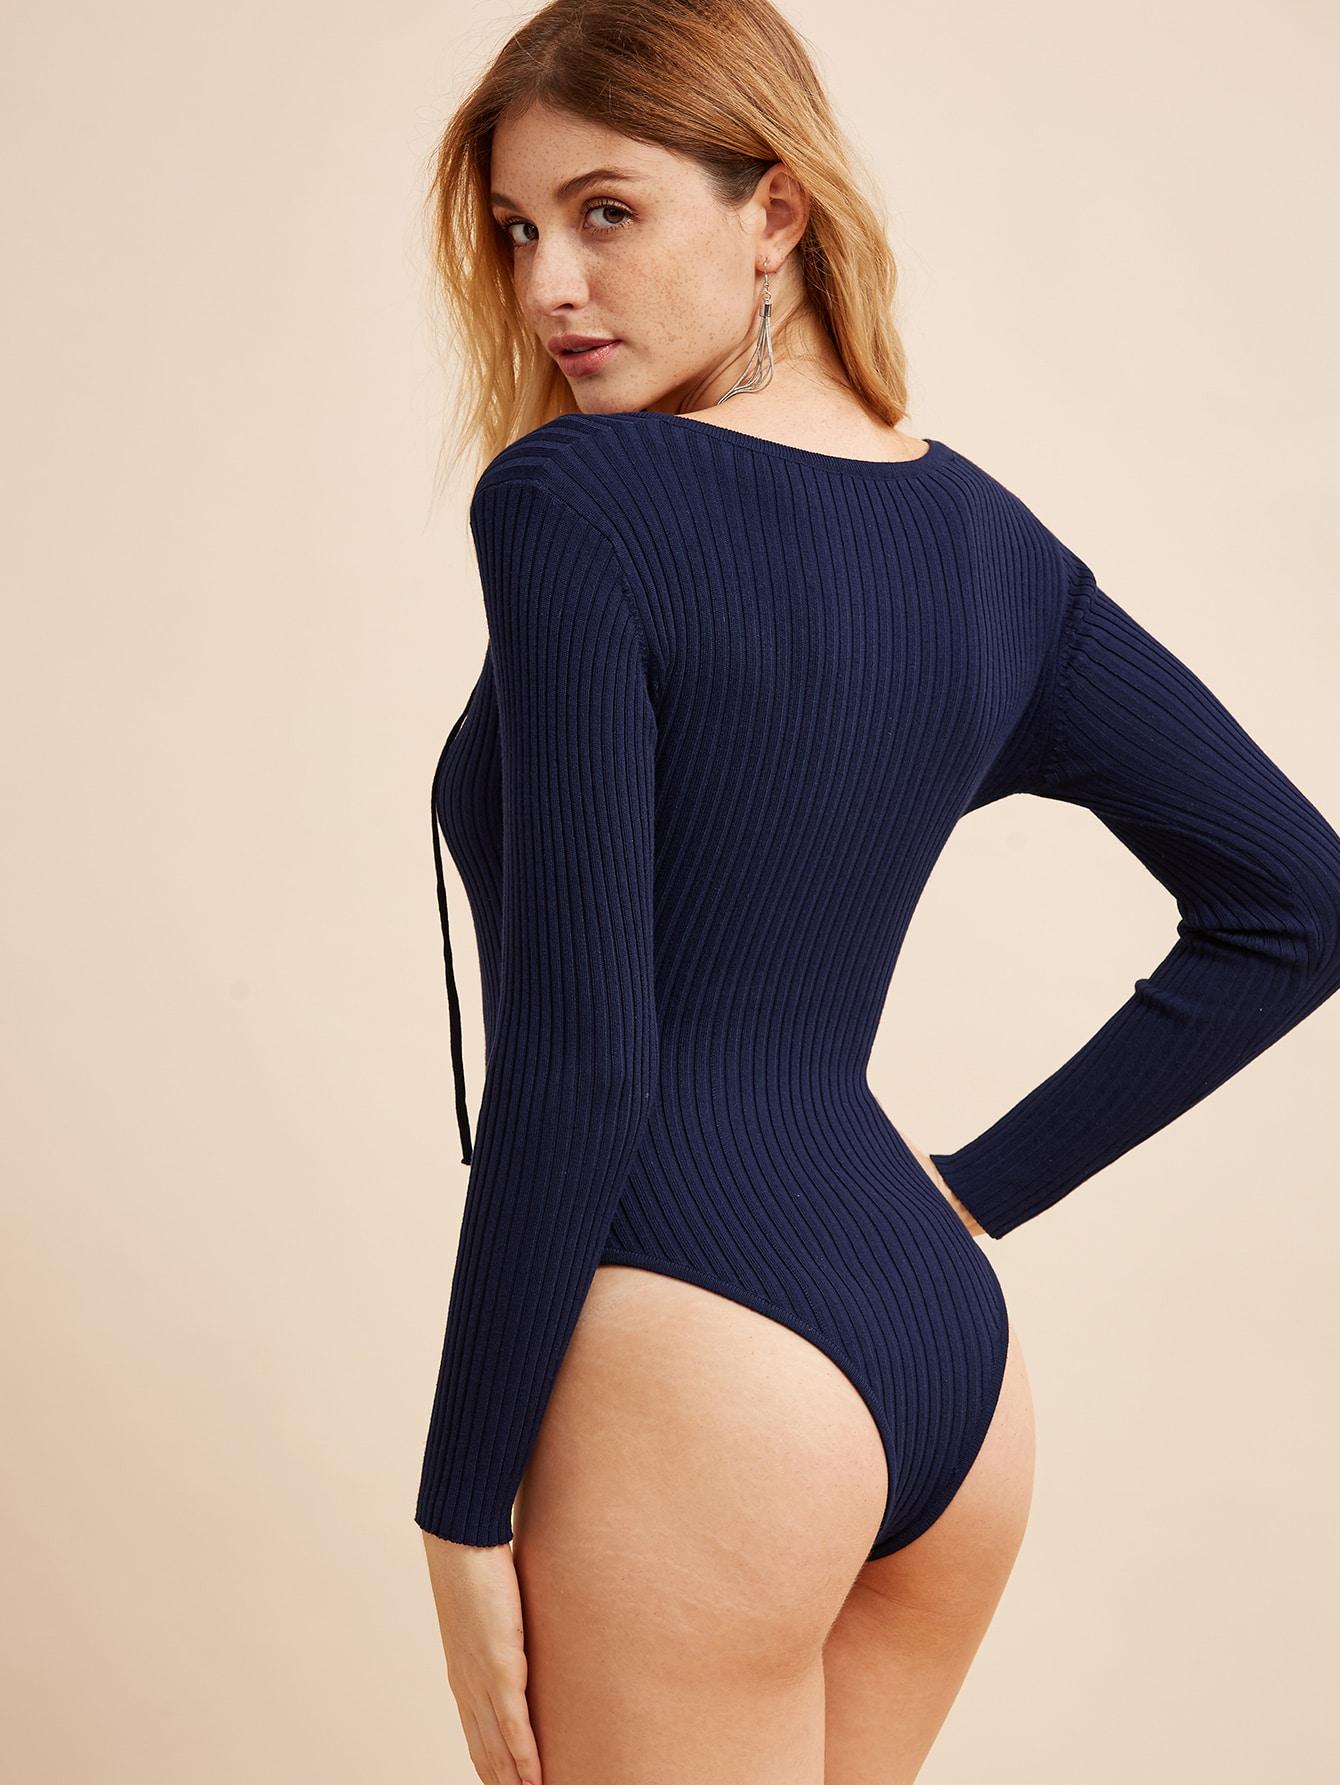 bodysuit160919451_3